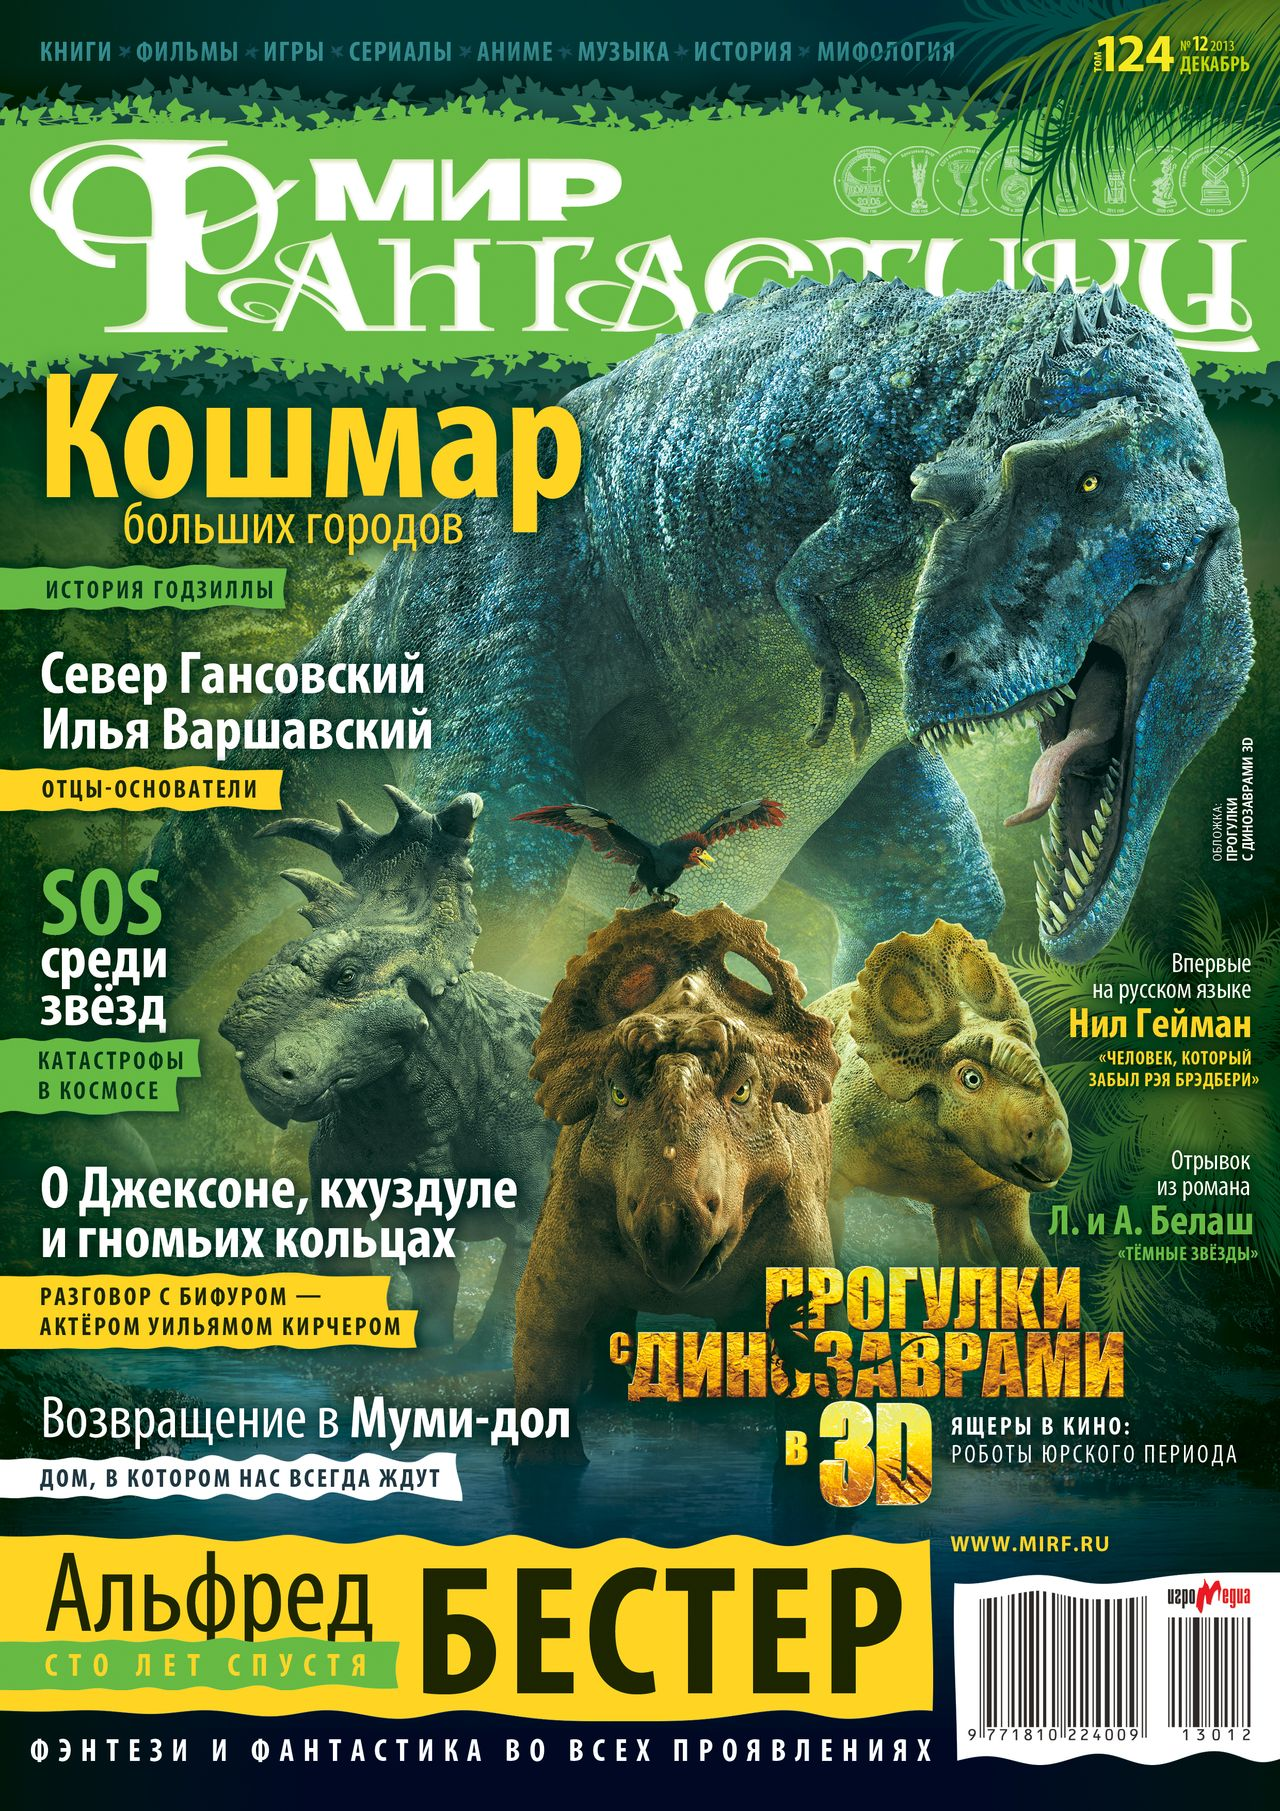 Архив номеров журнала «Мир фантастики» 137